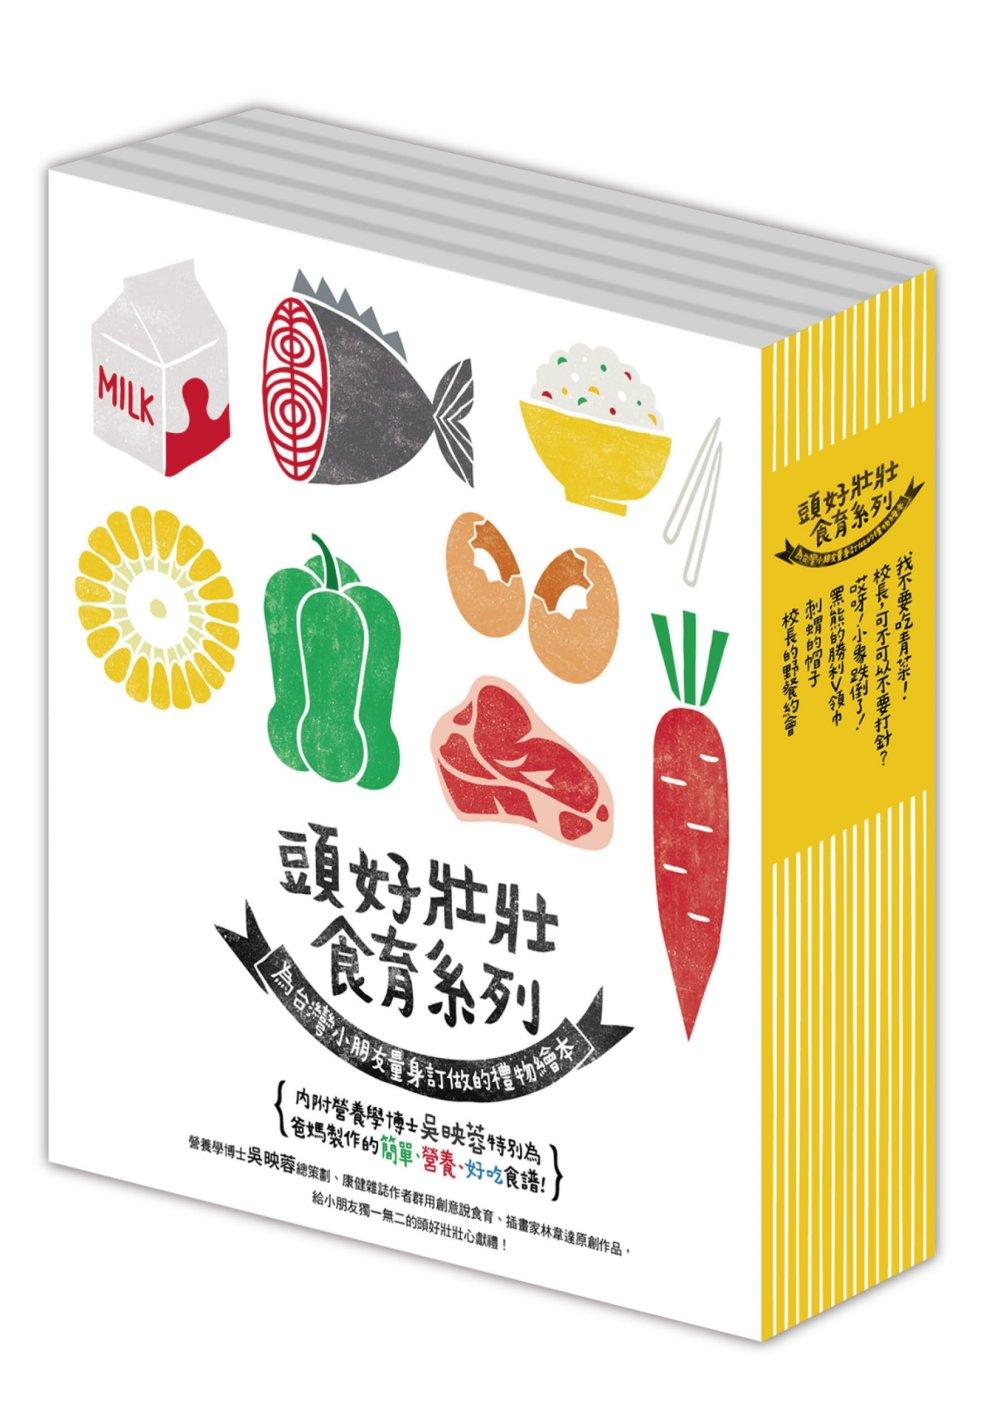 【頭好壯壯食育系列繪本】套書(全6冊,超值加贈吳映蓉私房食譜)